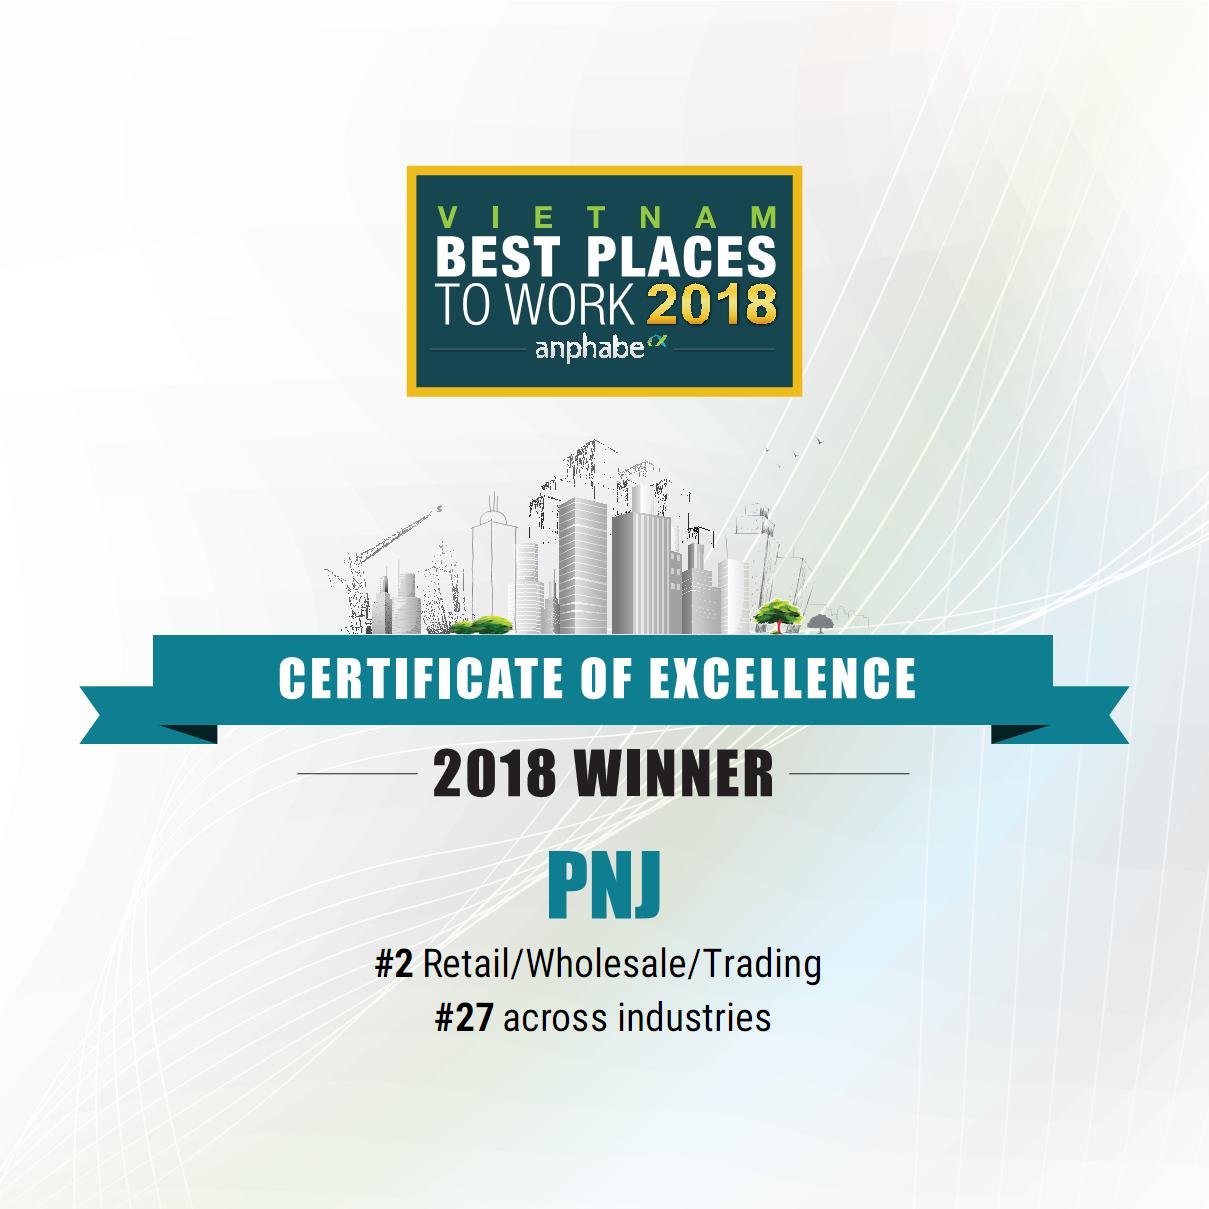 Trong năm nay, dấu ấn PNJ tiếp tục nổi bật với thành tích trong Top 100 Môi trường làm việc tốt nhất Việt Nam 2018